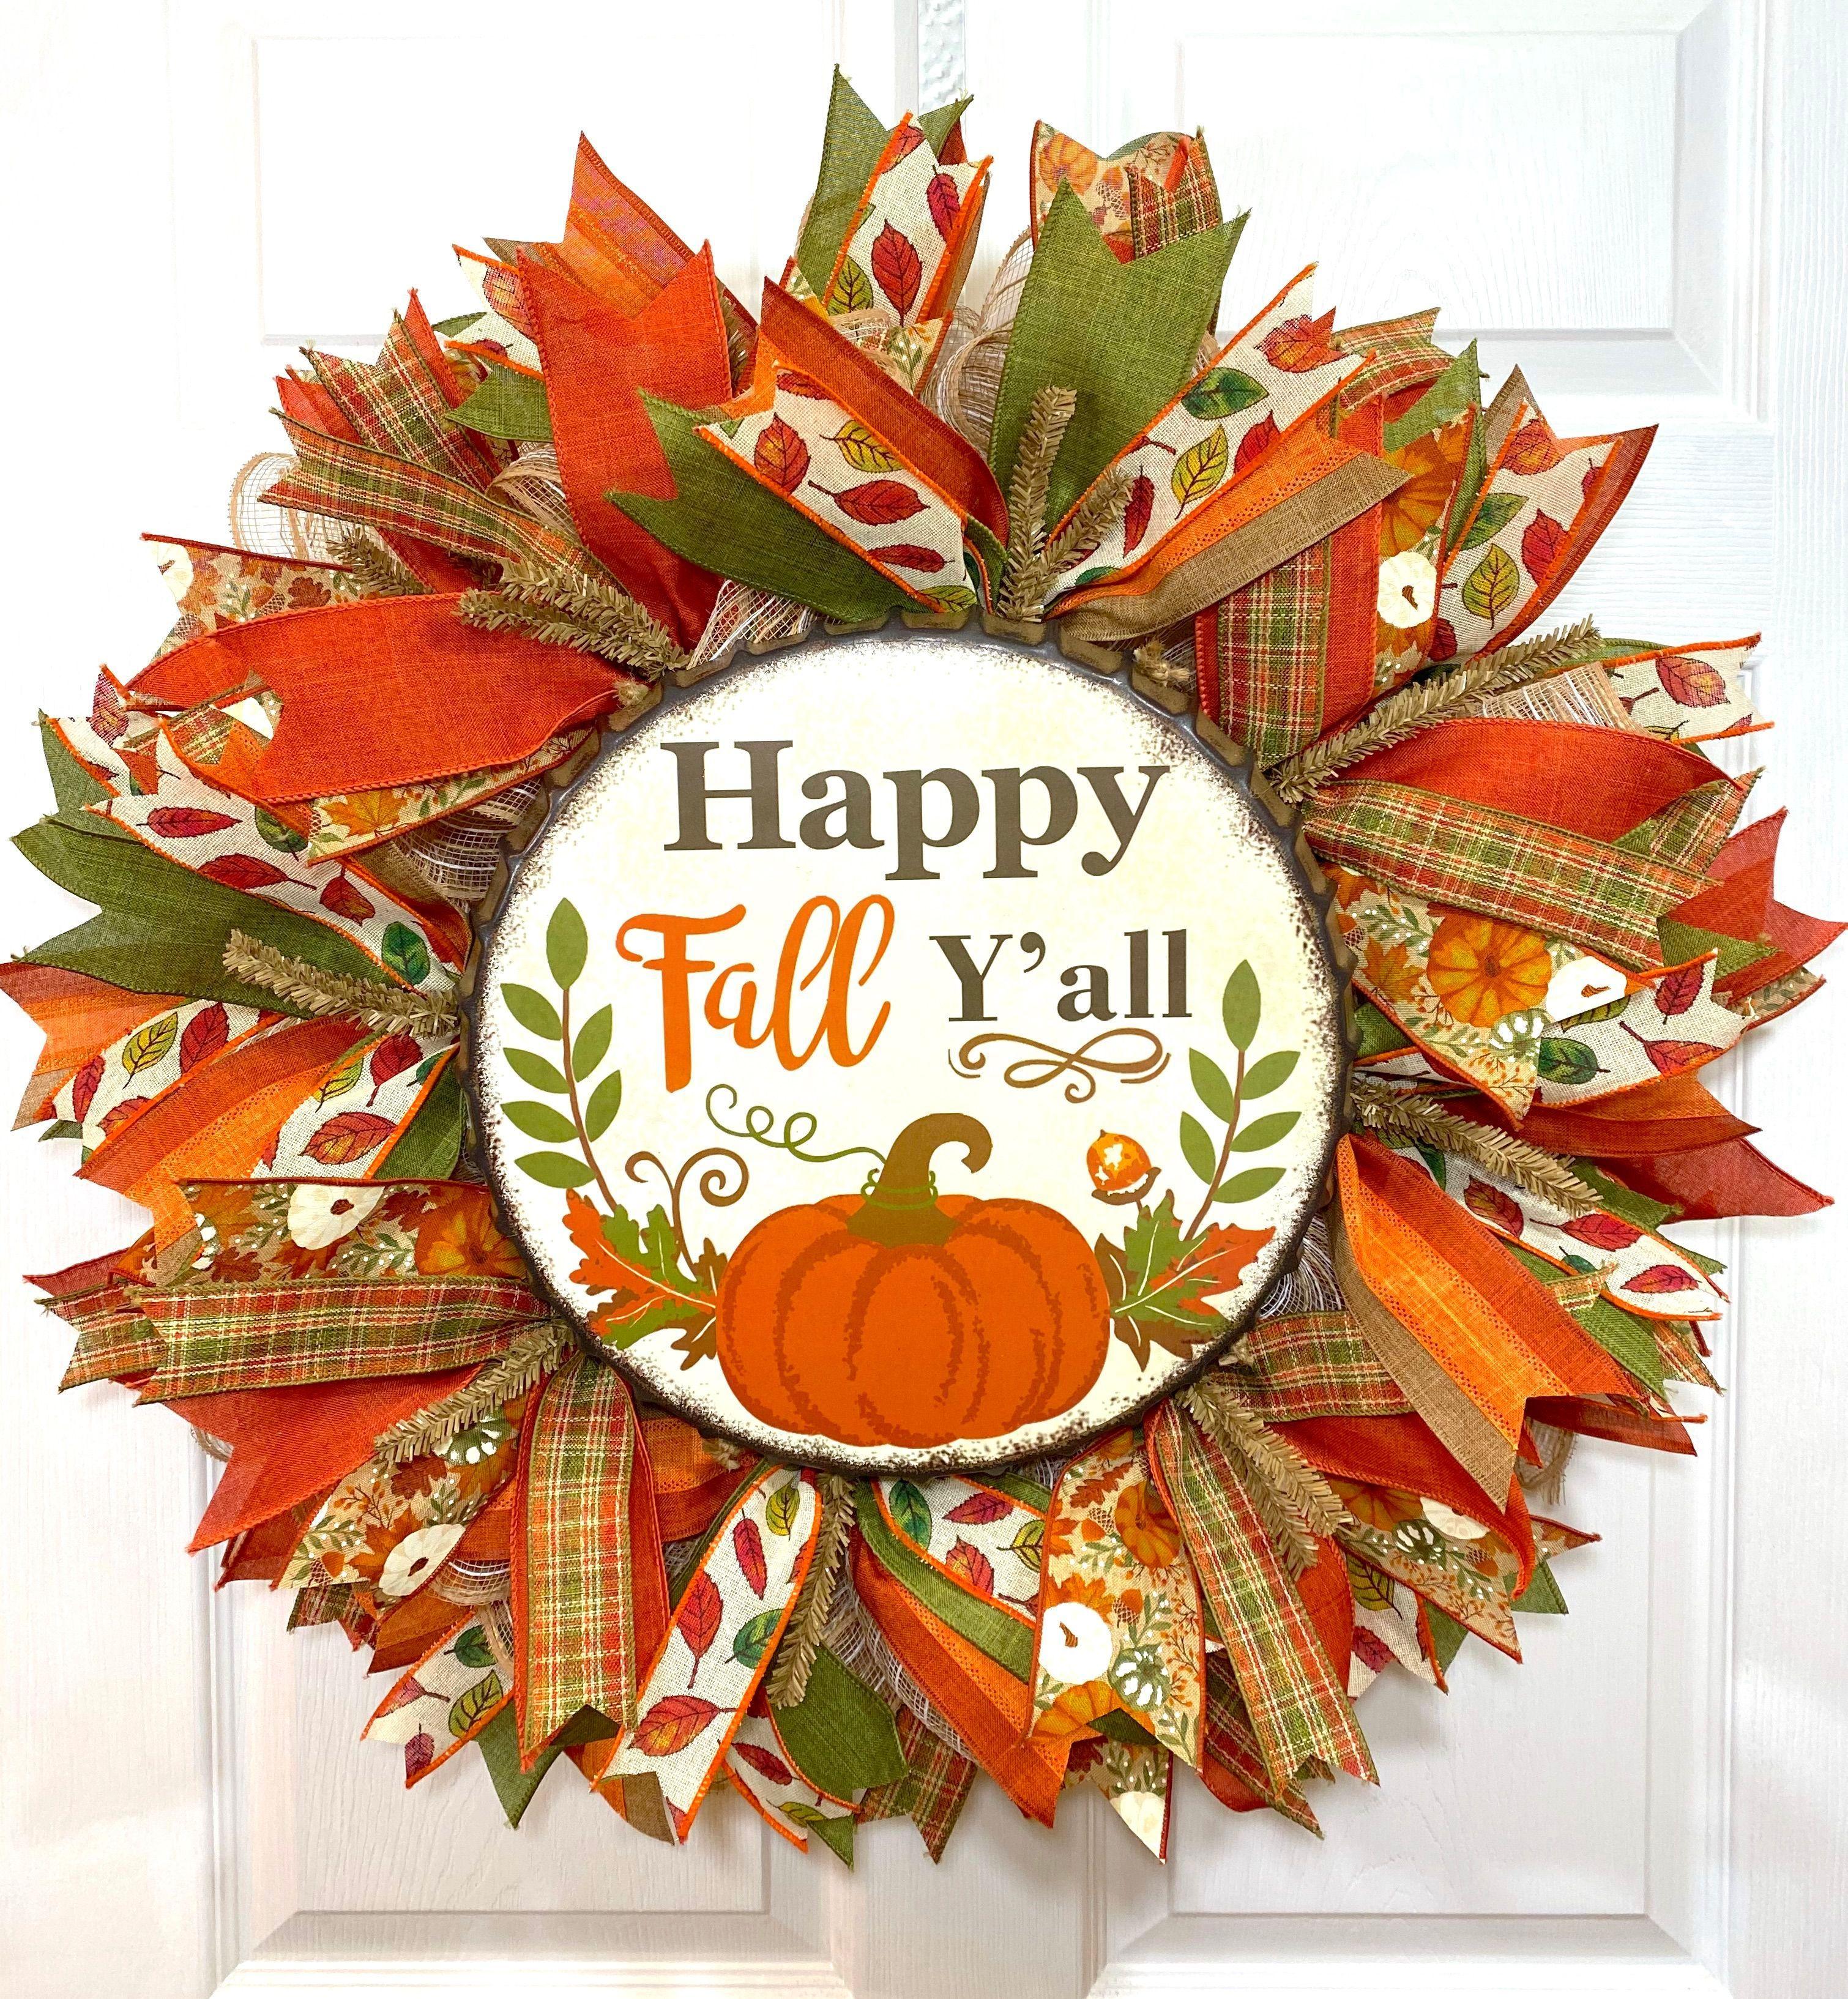 Happy Fall y/'all wreath wreath Fall decor fall wreaths Thanksgiving wreath wreaths fall wreath fall mesh wreath Fall wreath